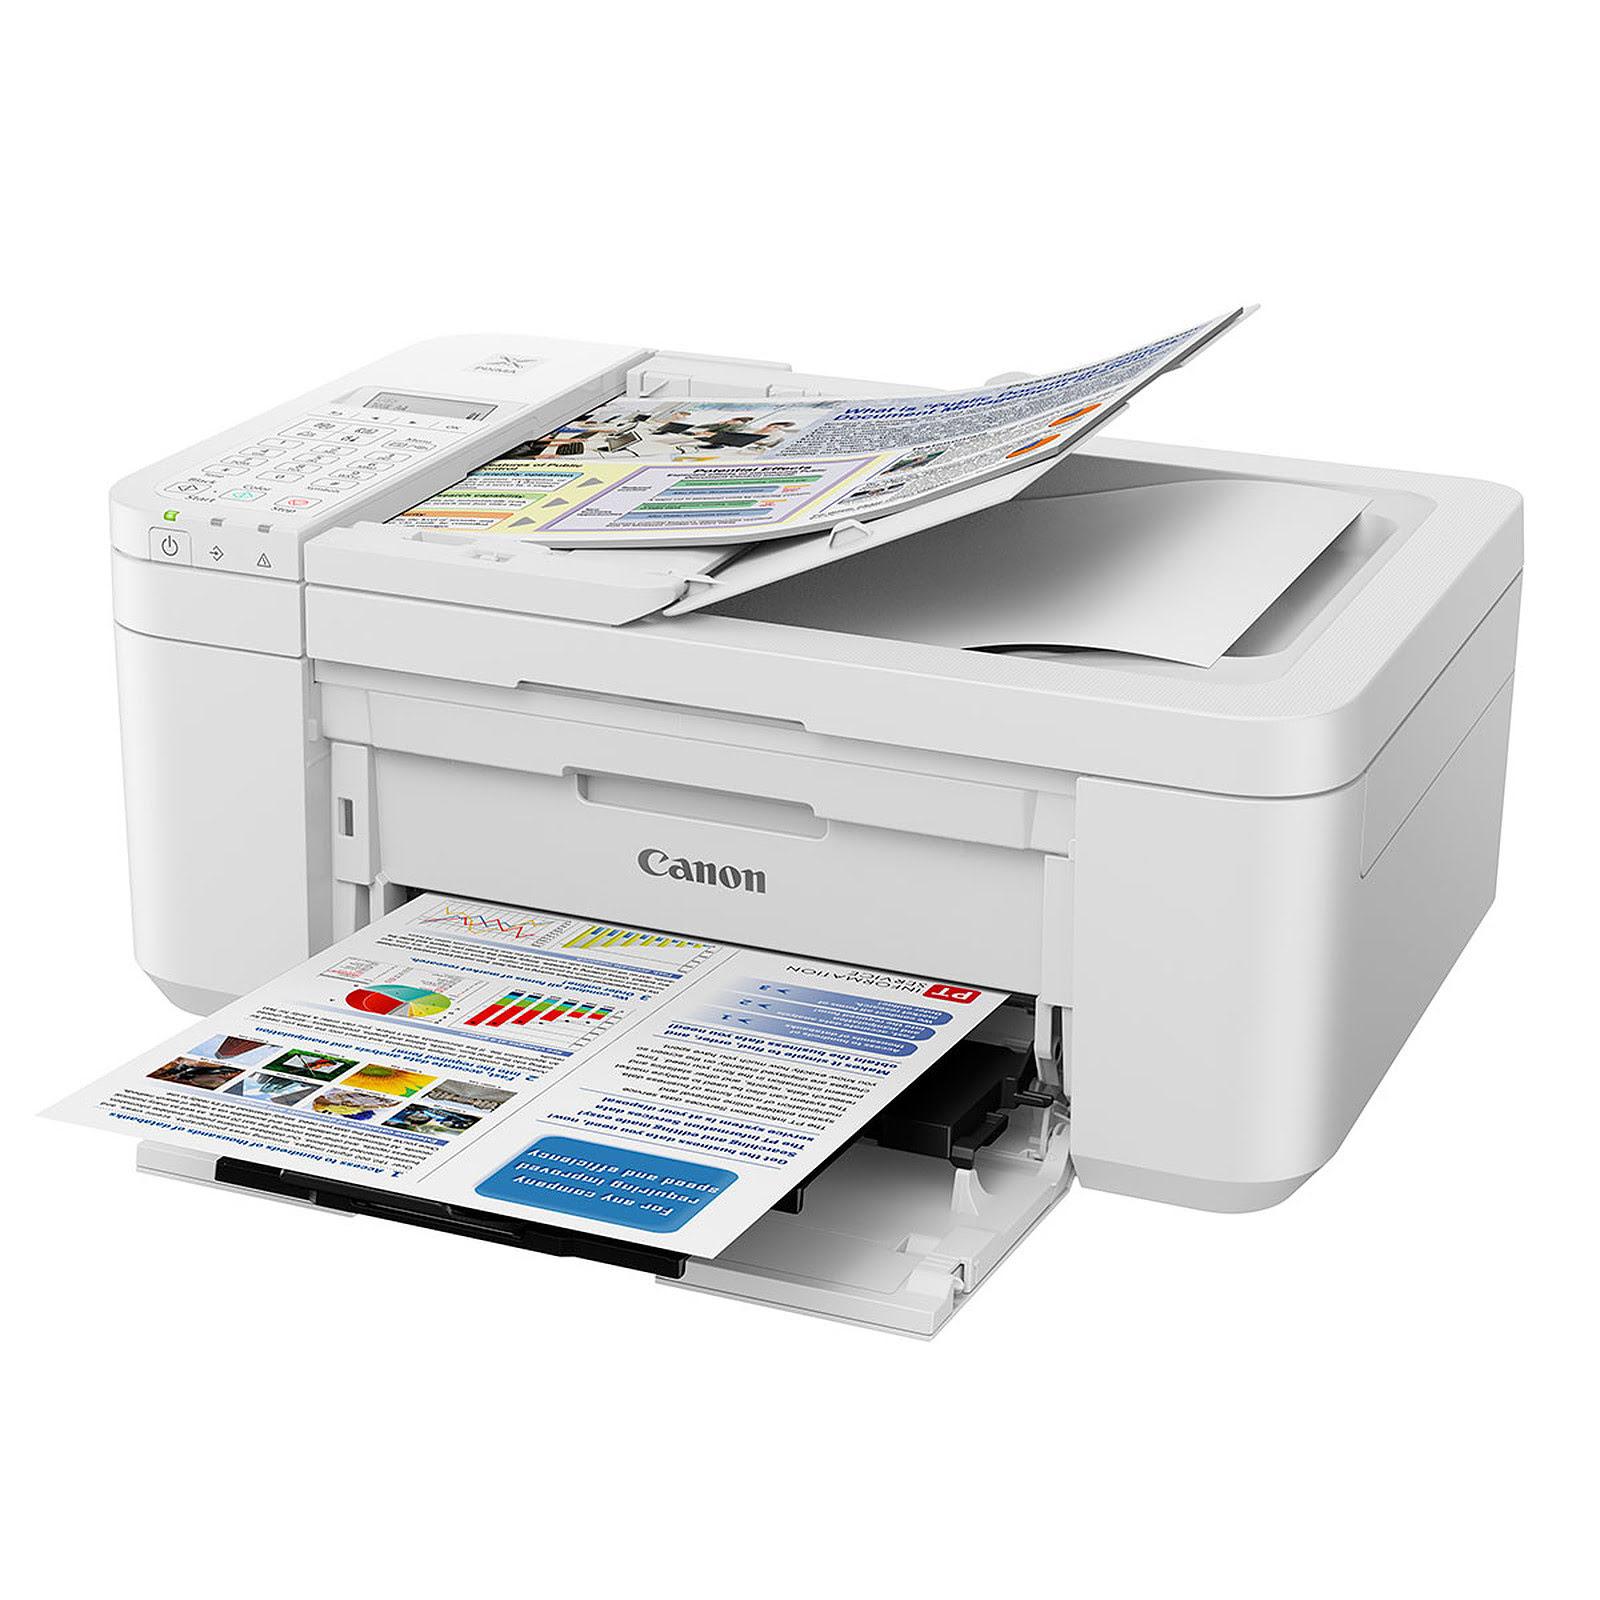 PIXMA TR4551 White # (2984C029 --) - Achat / Vente Imprimante multifonction sur Picata.fr - 3